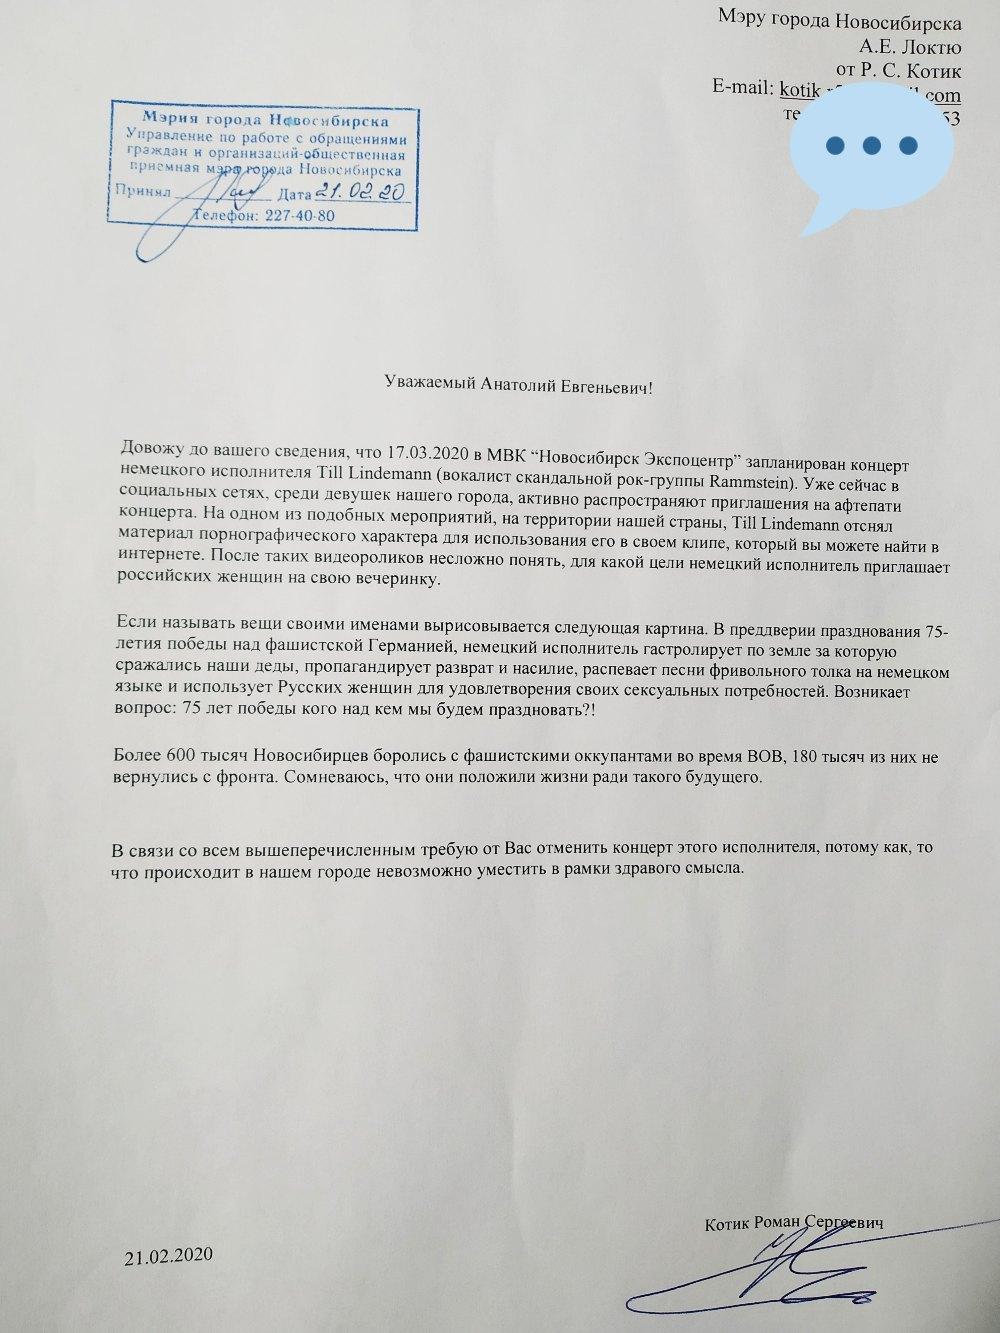 фото Концерт солиста «Раммштайн» в Новосибирске под угрозой: Линдеманна обвинили в насилии и припомнили фашизм 2